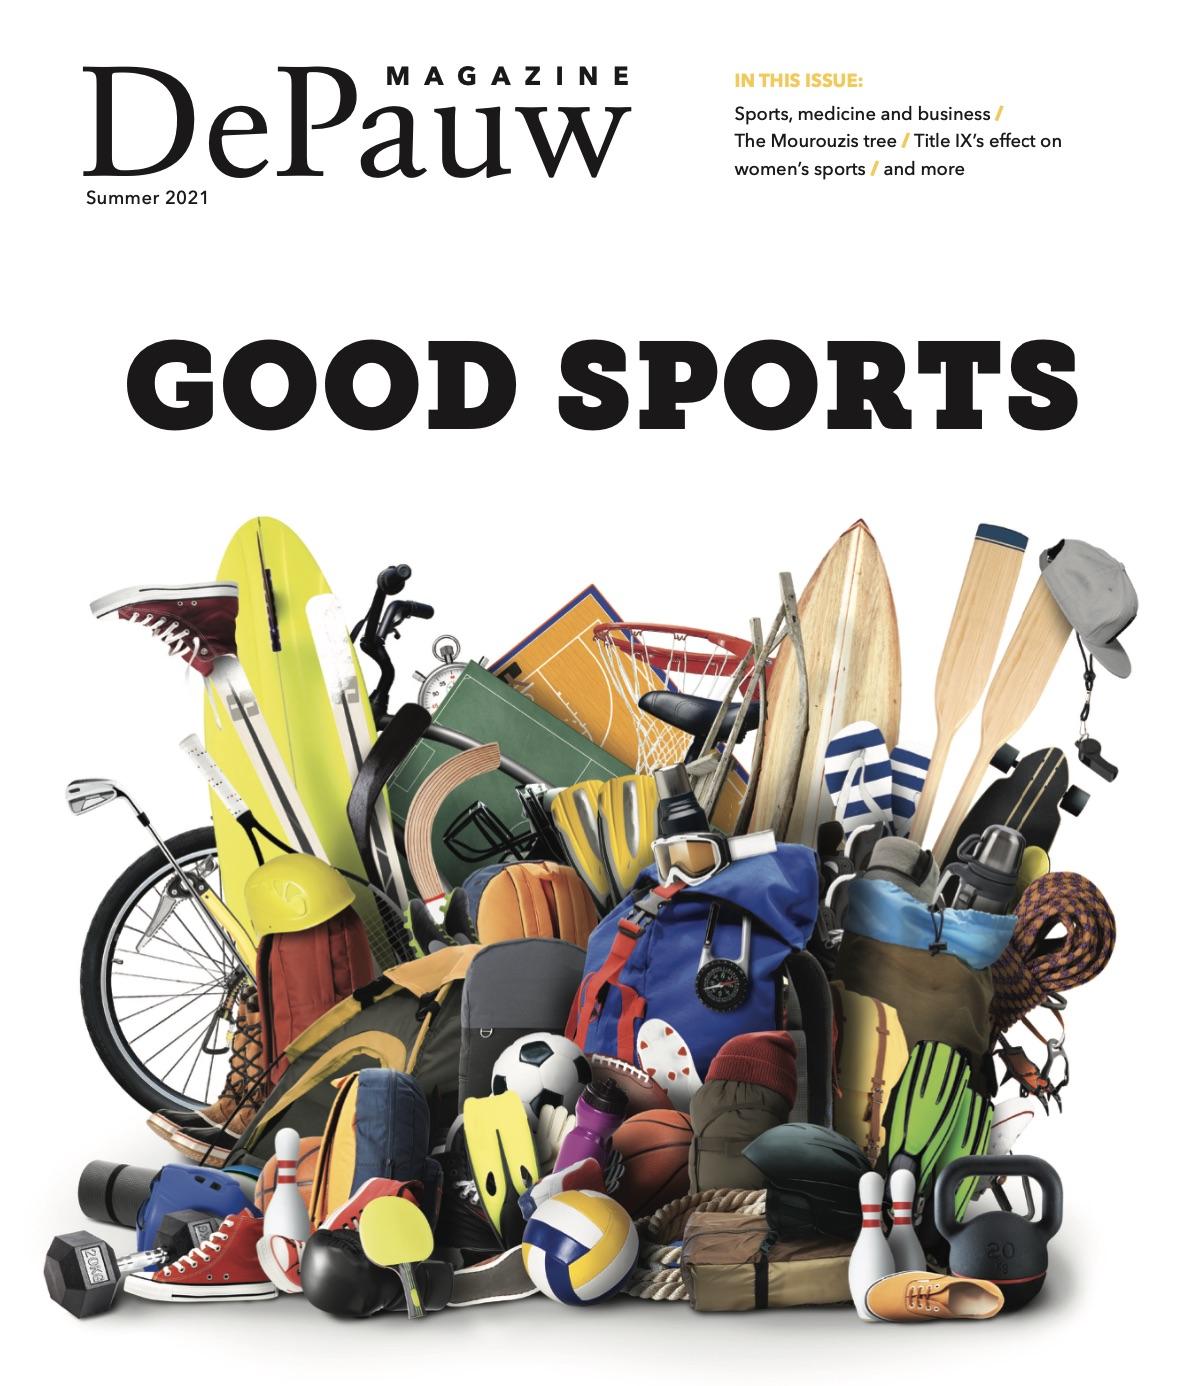 DePauw Magazine Summer 2021